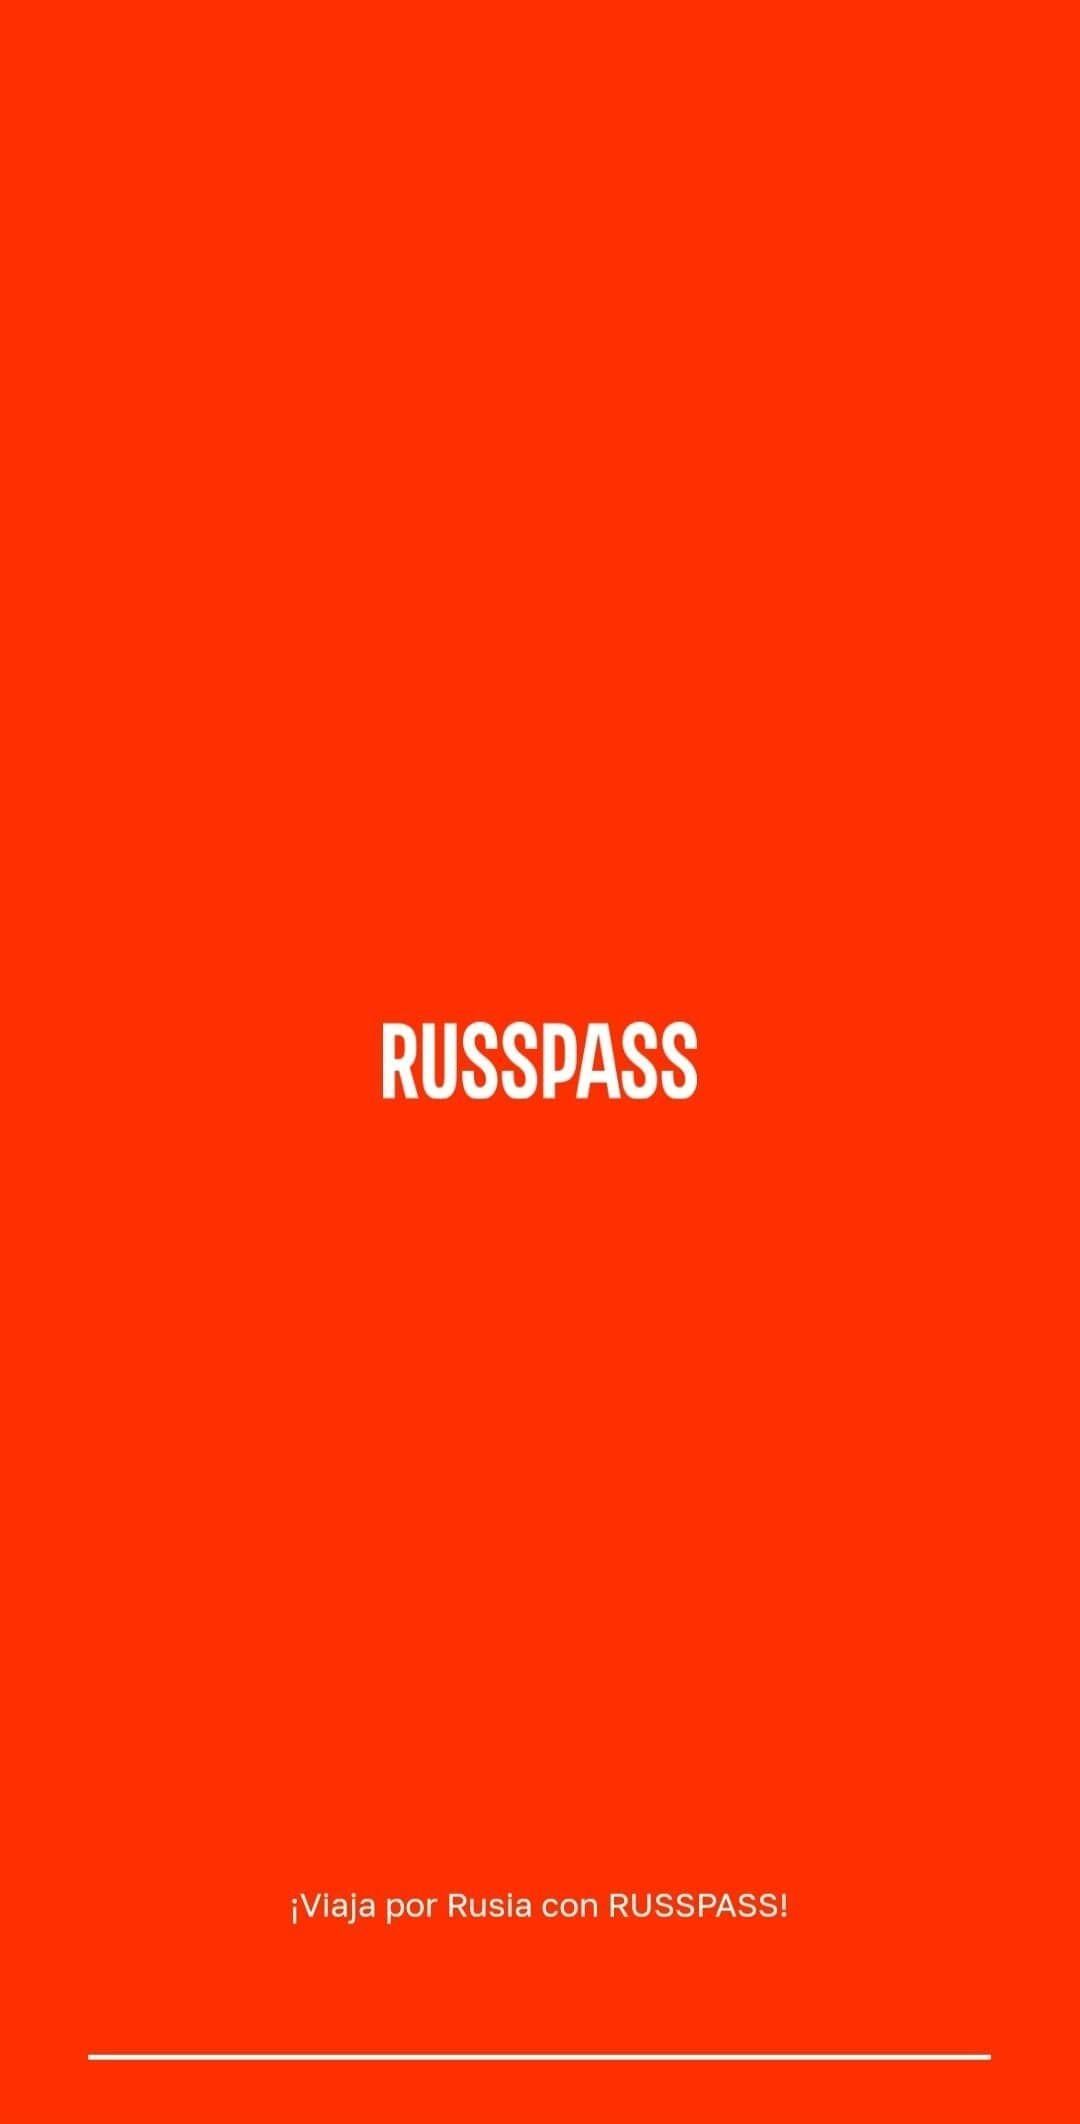 RUSSPASS ya está disponible en español